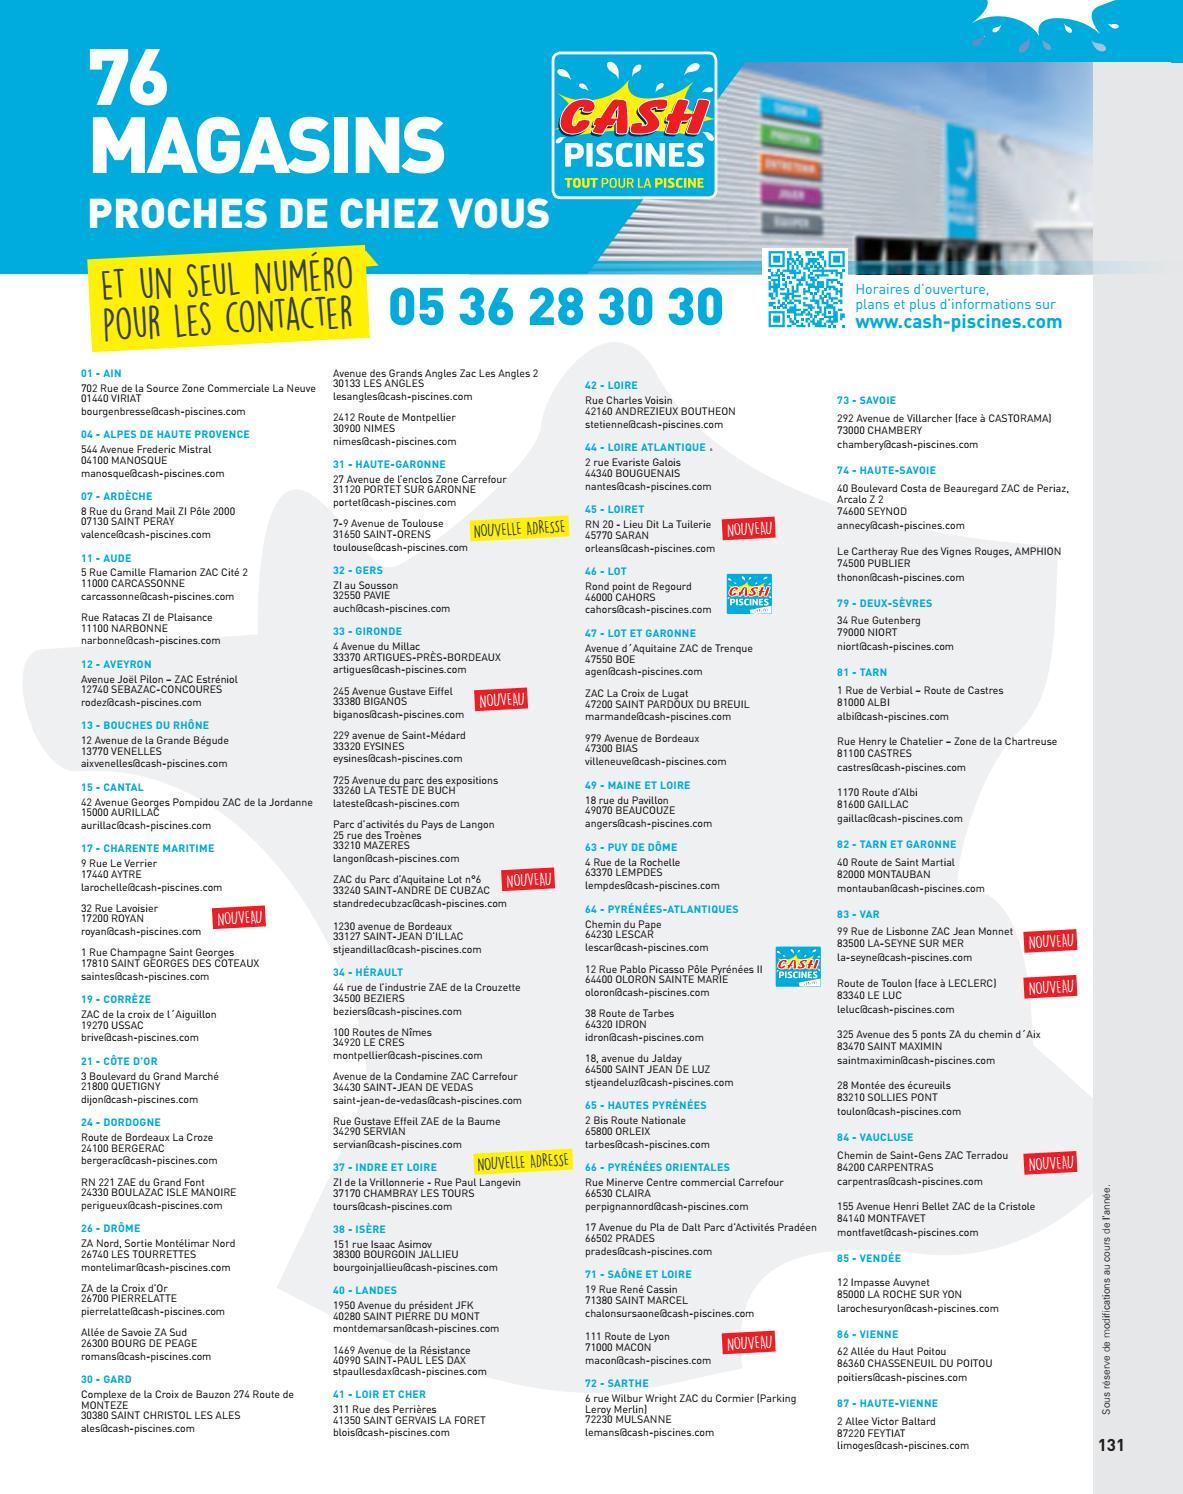 Catalogue Cash Piscine 2018 By Octave Octave - Issuu à Cash Piscine Narbonne